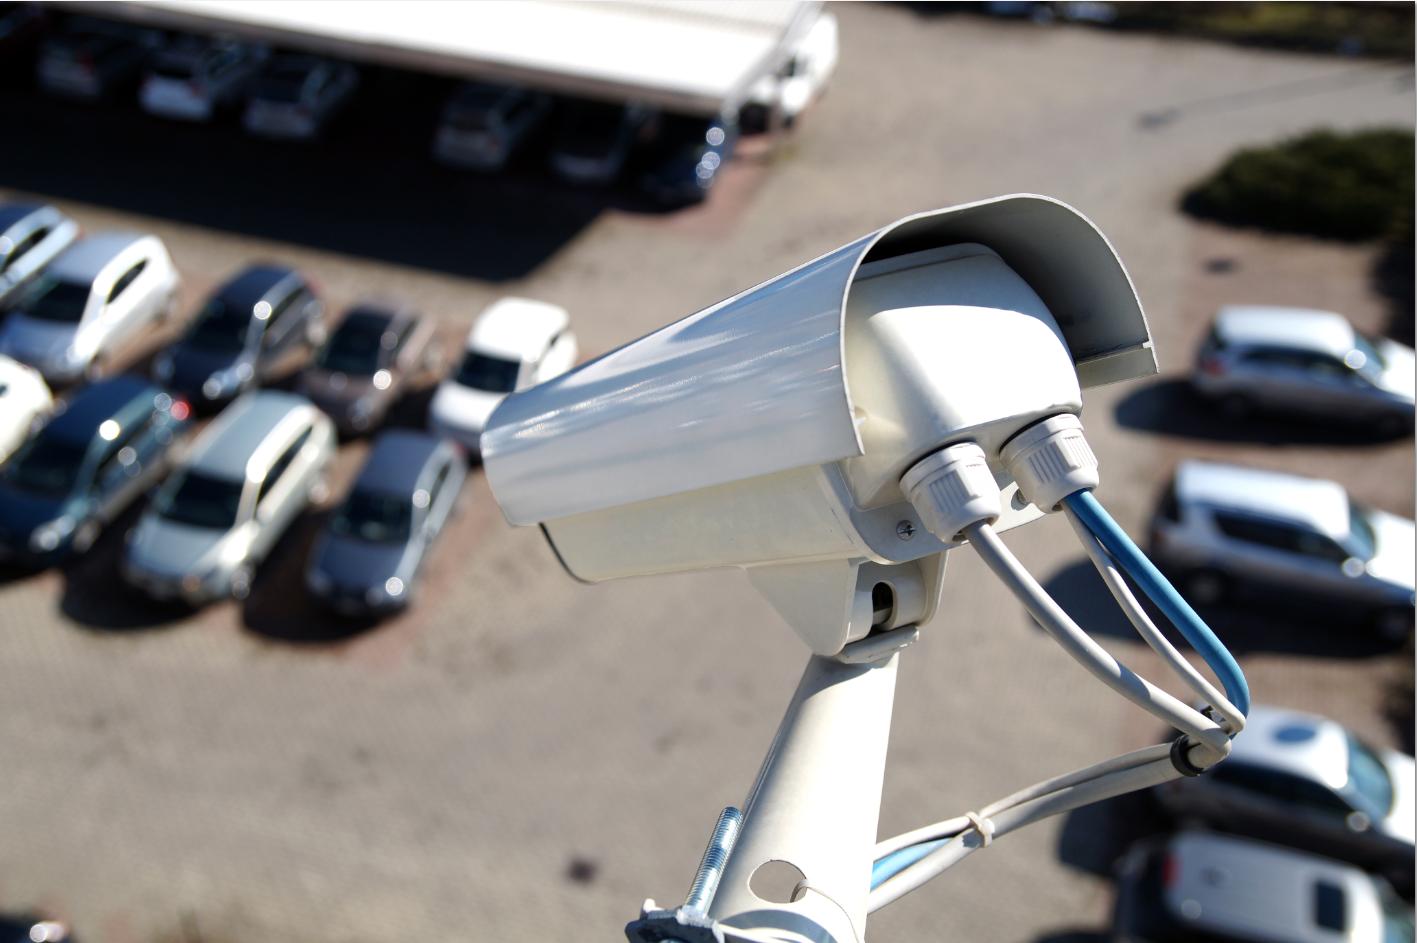 Security Camera Repair in Rancho Cucamonga